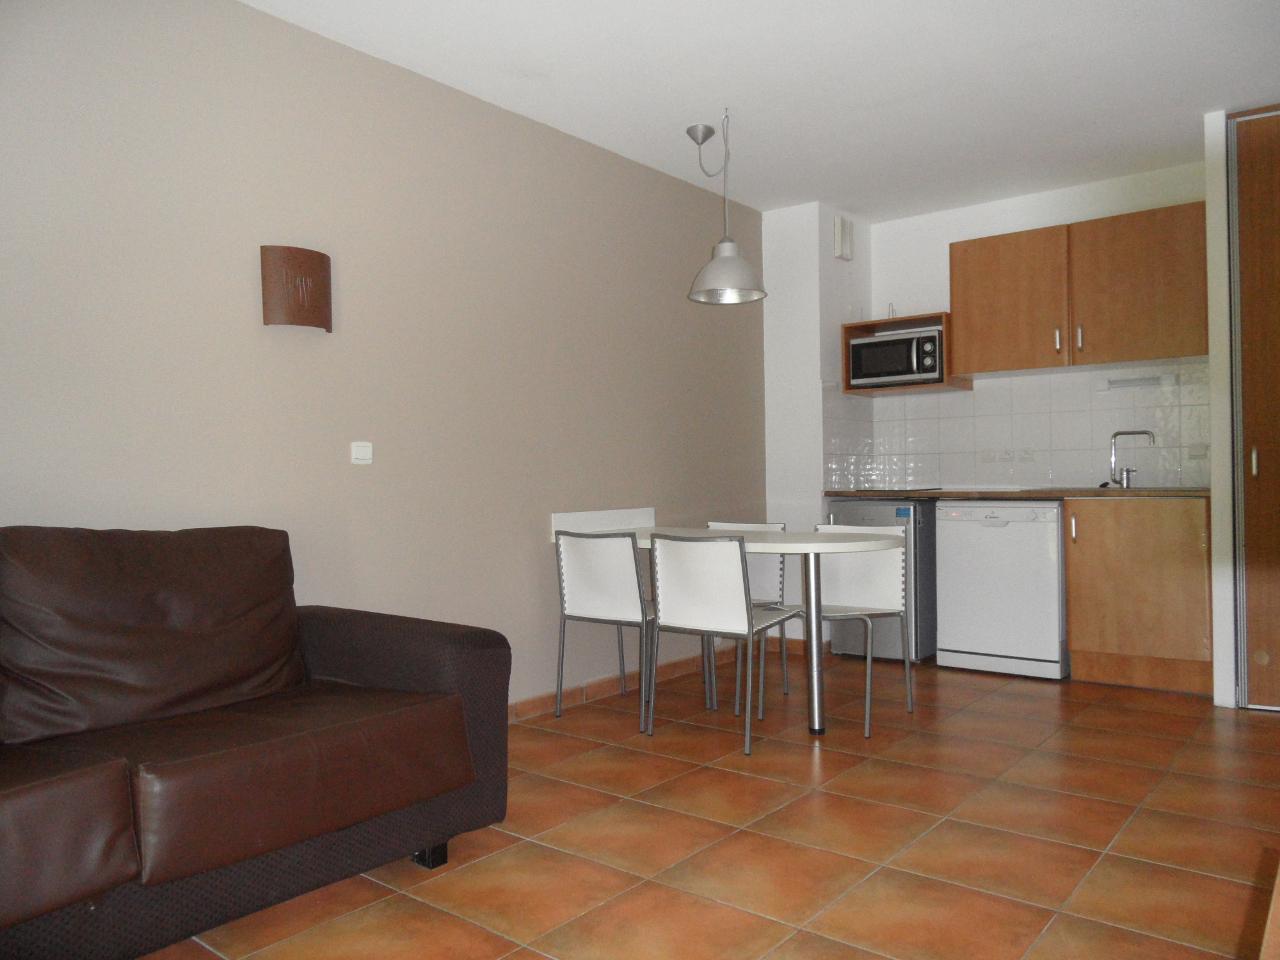 Vente appartement T2  à SAINT JEAN DE LUZ - 2